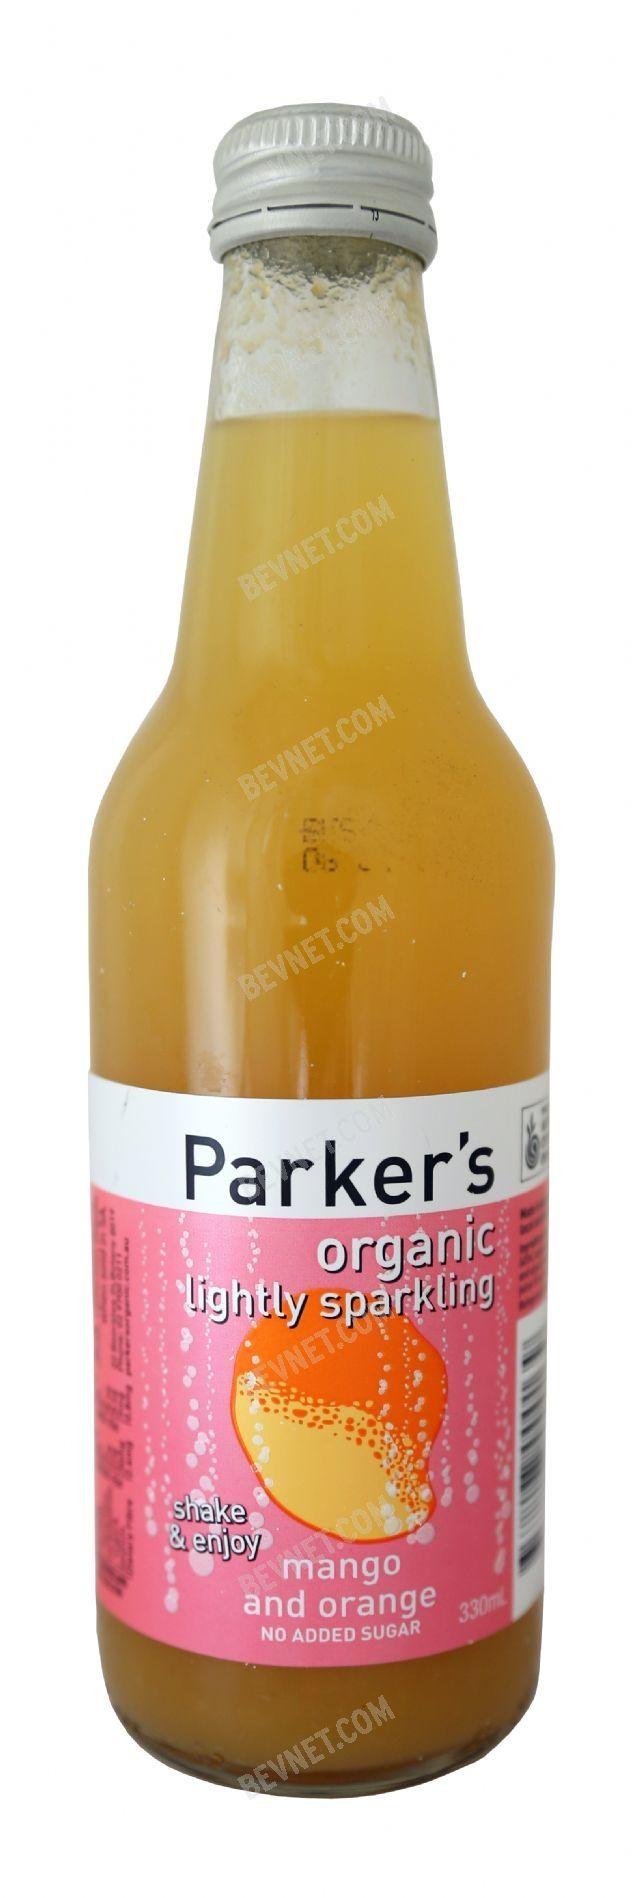 Parker's Organic Juices: